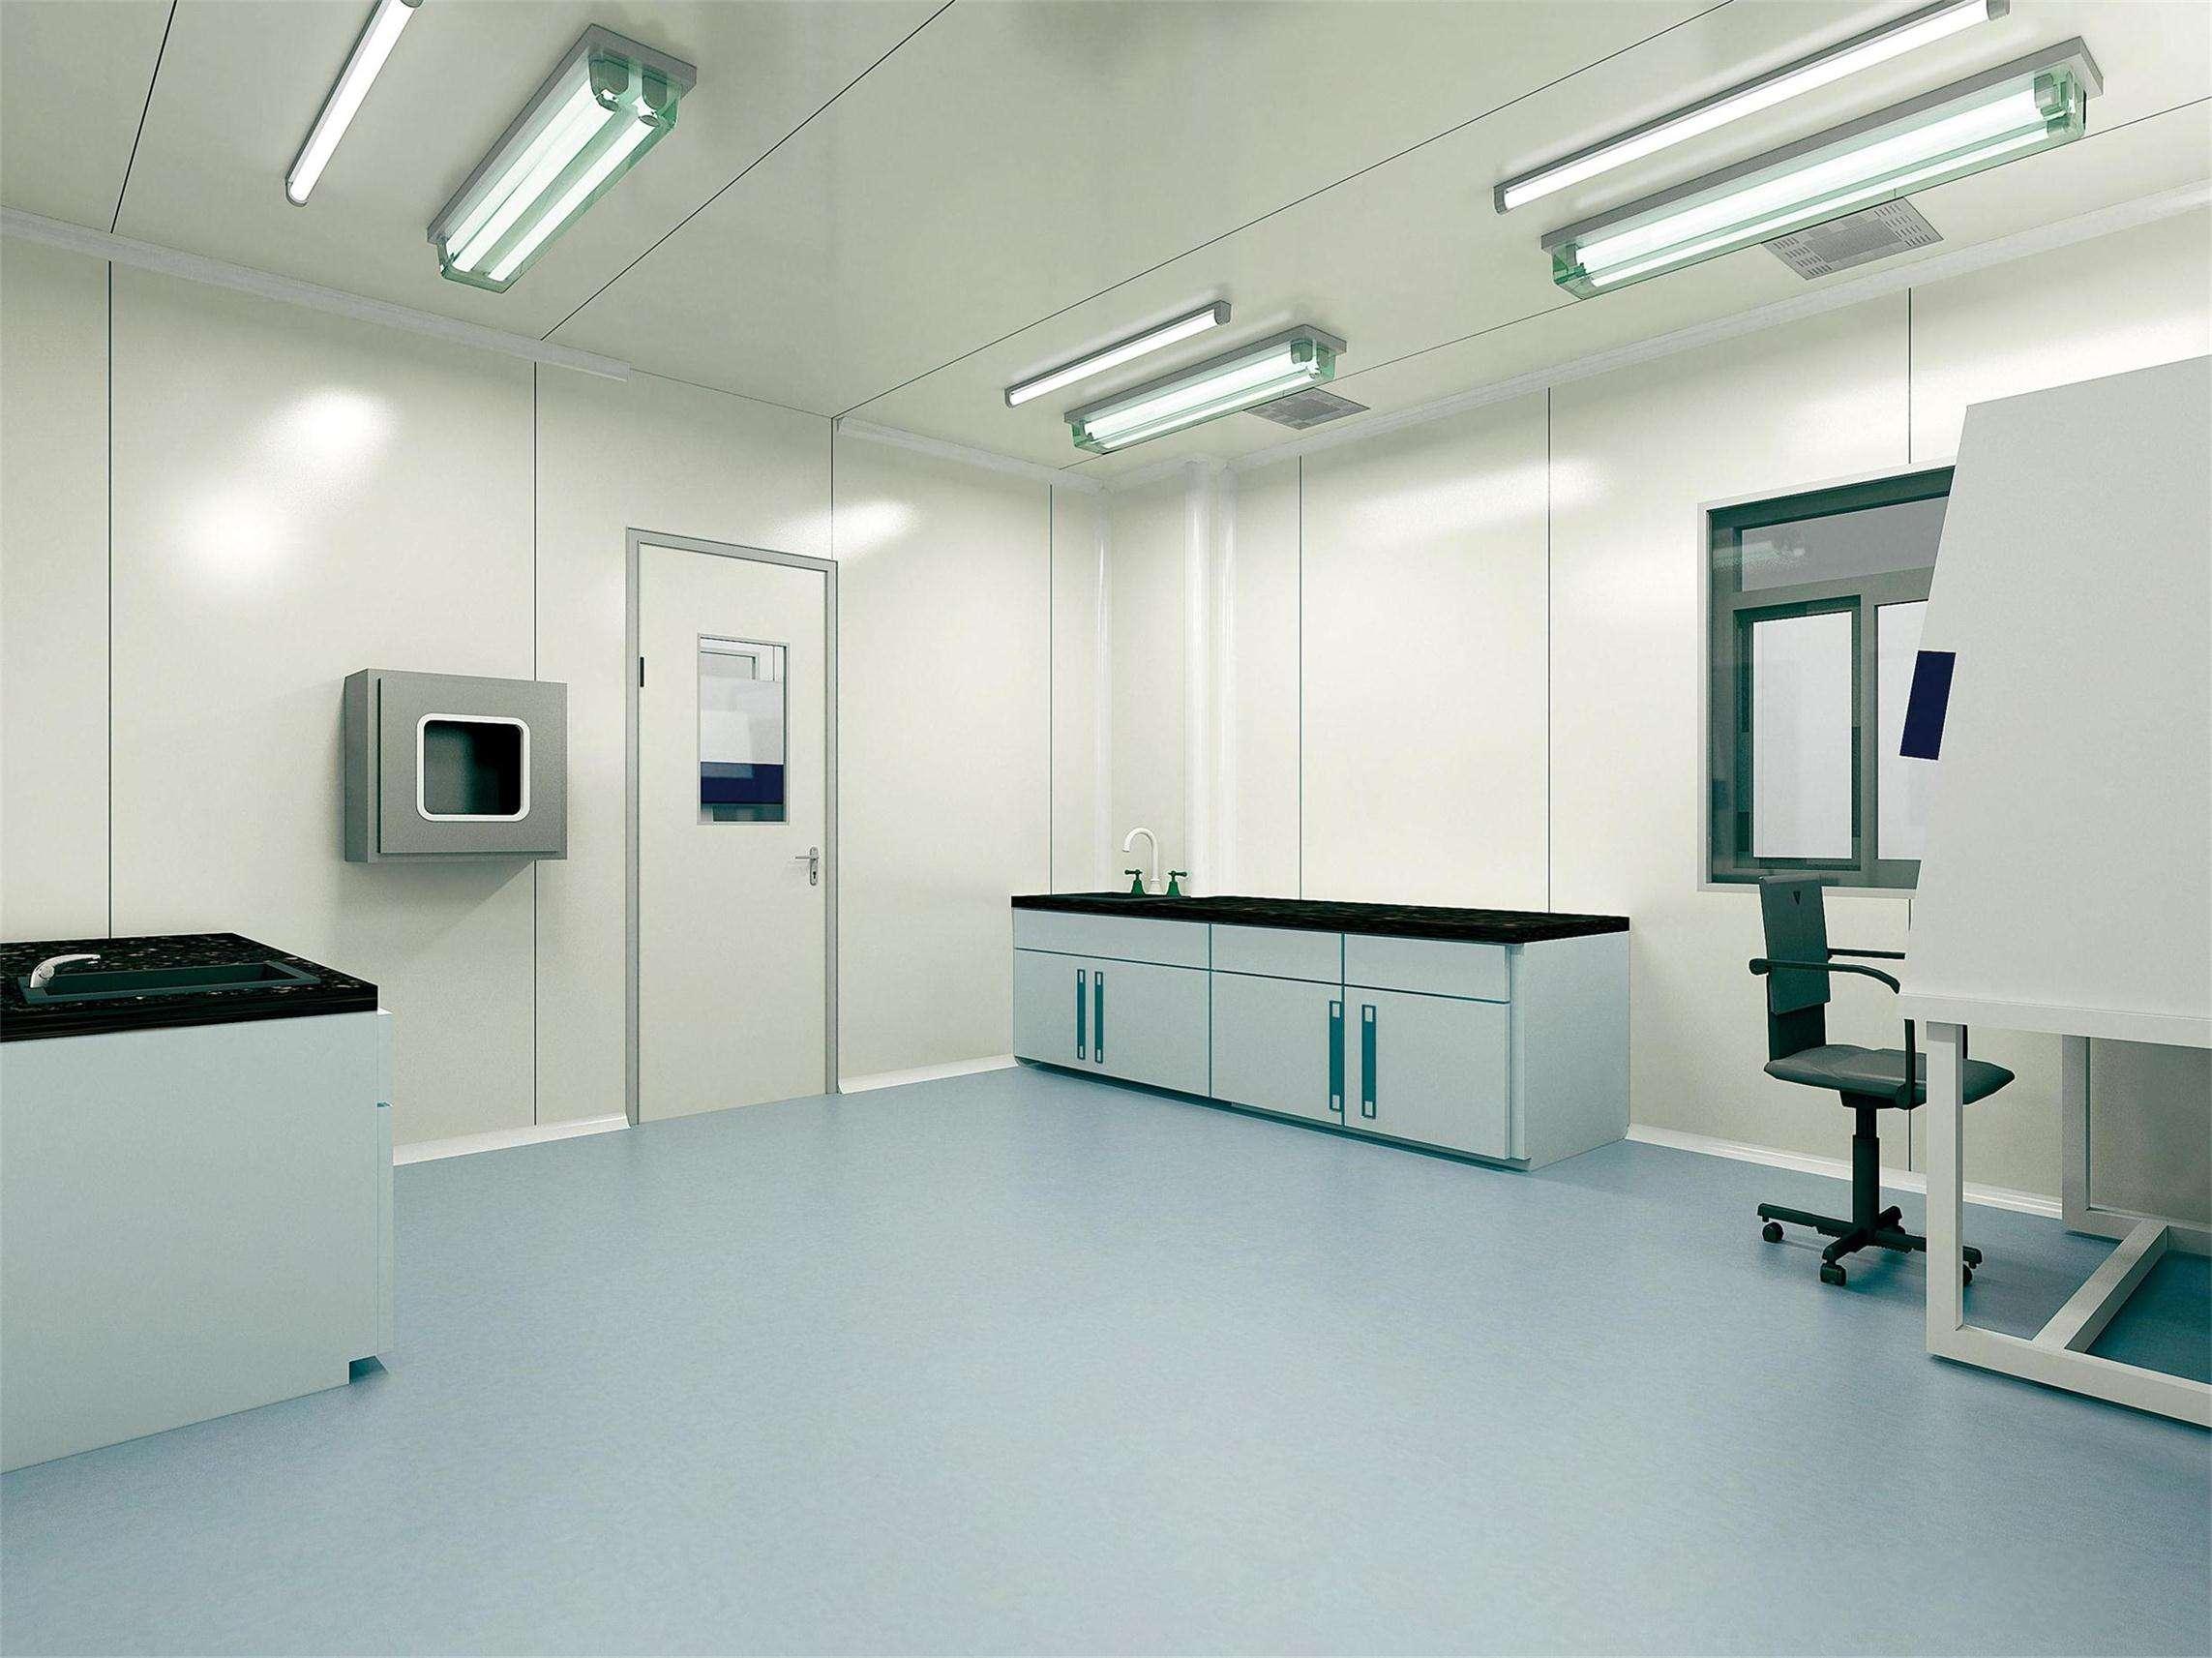 生物实验室整体建设规划及设计详解-九天隆实验室